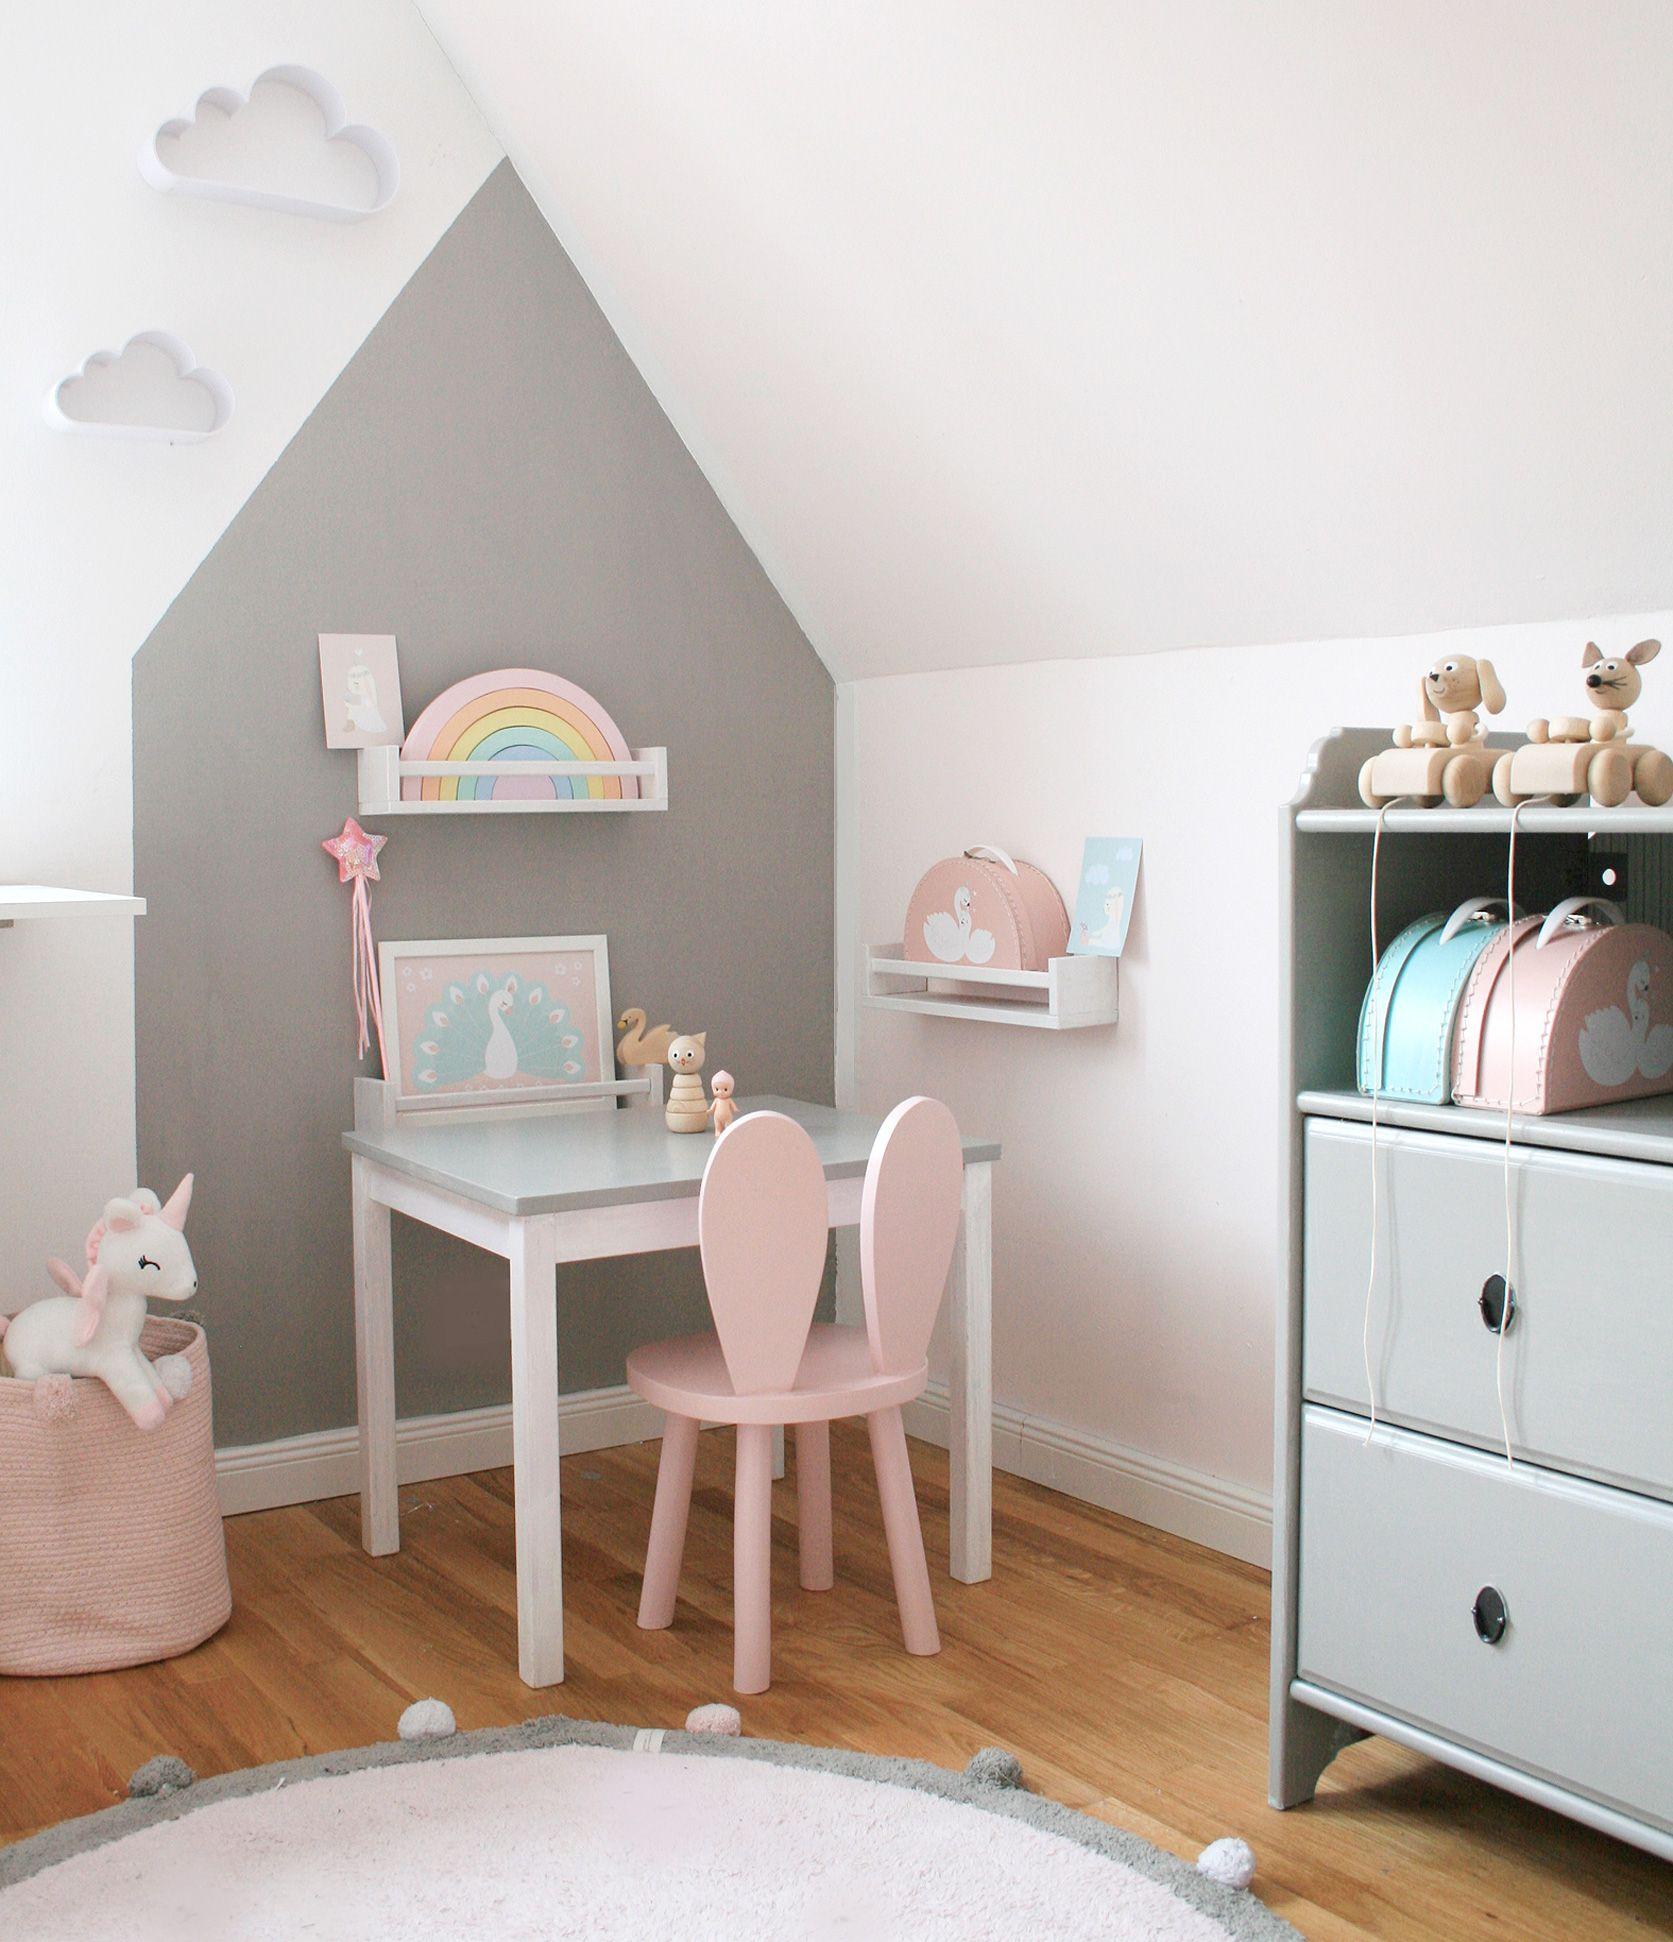 Malecke bei uns im Kinderzimmer (mit Bildern